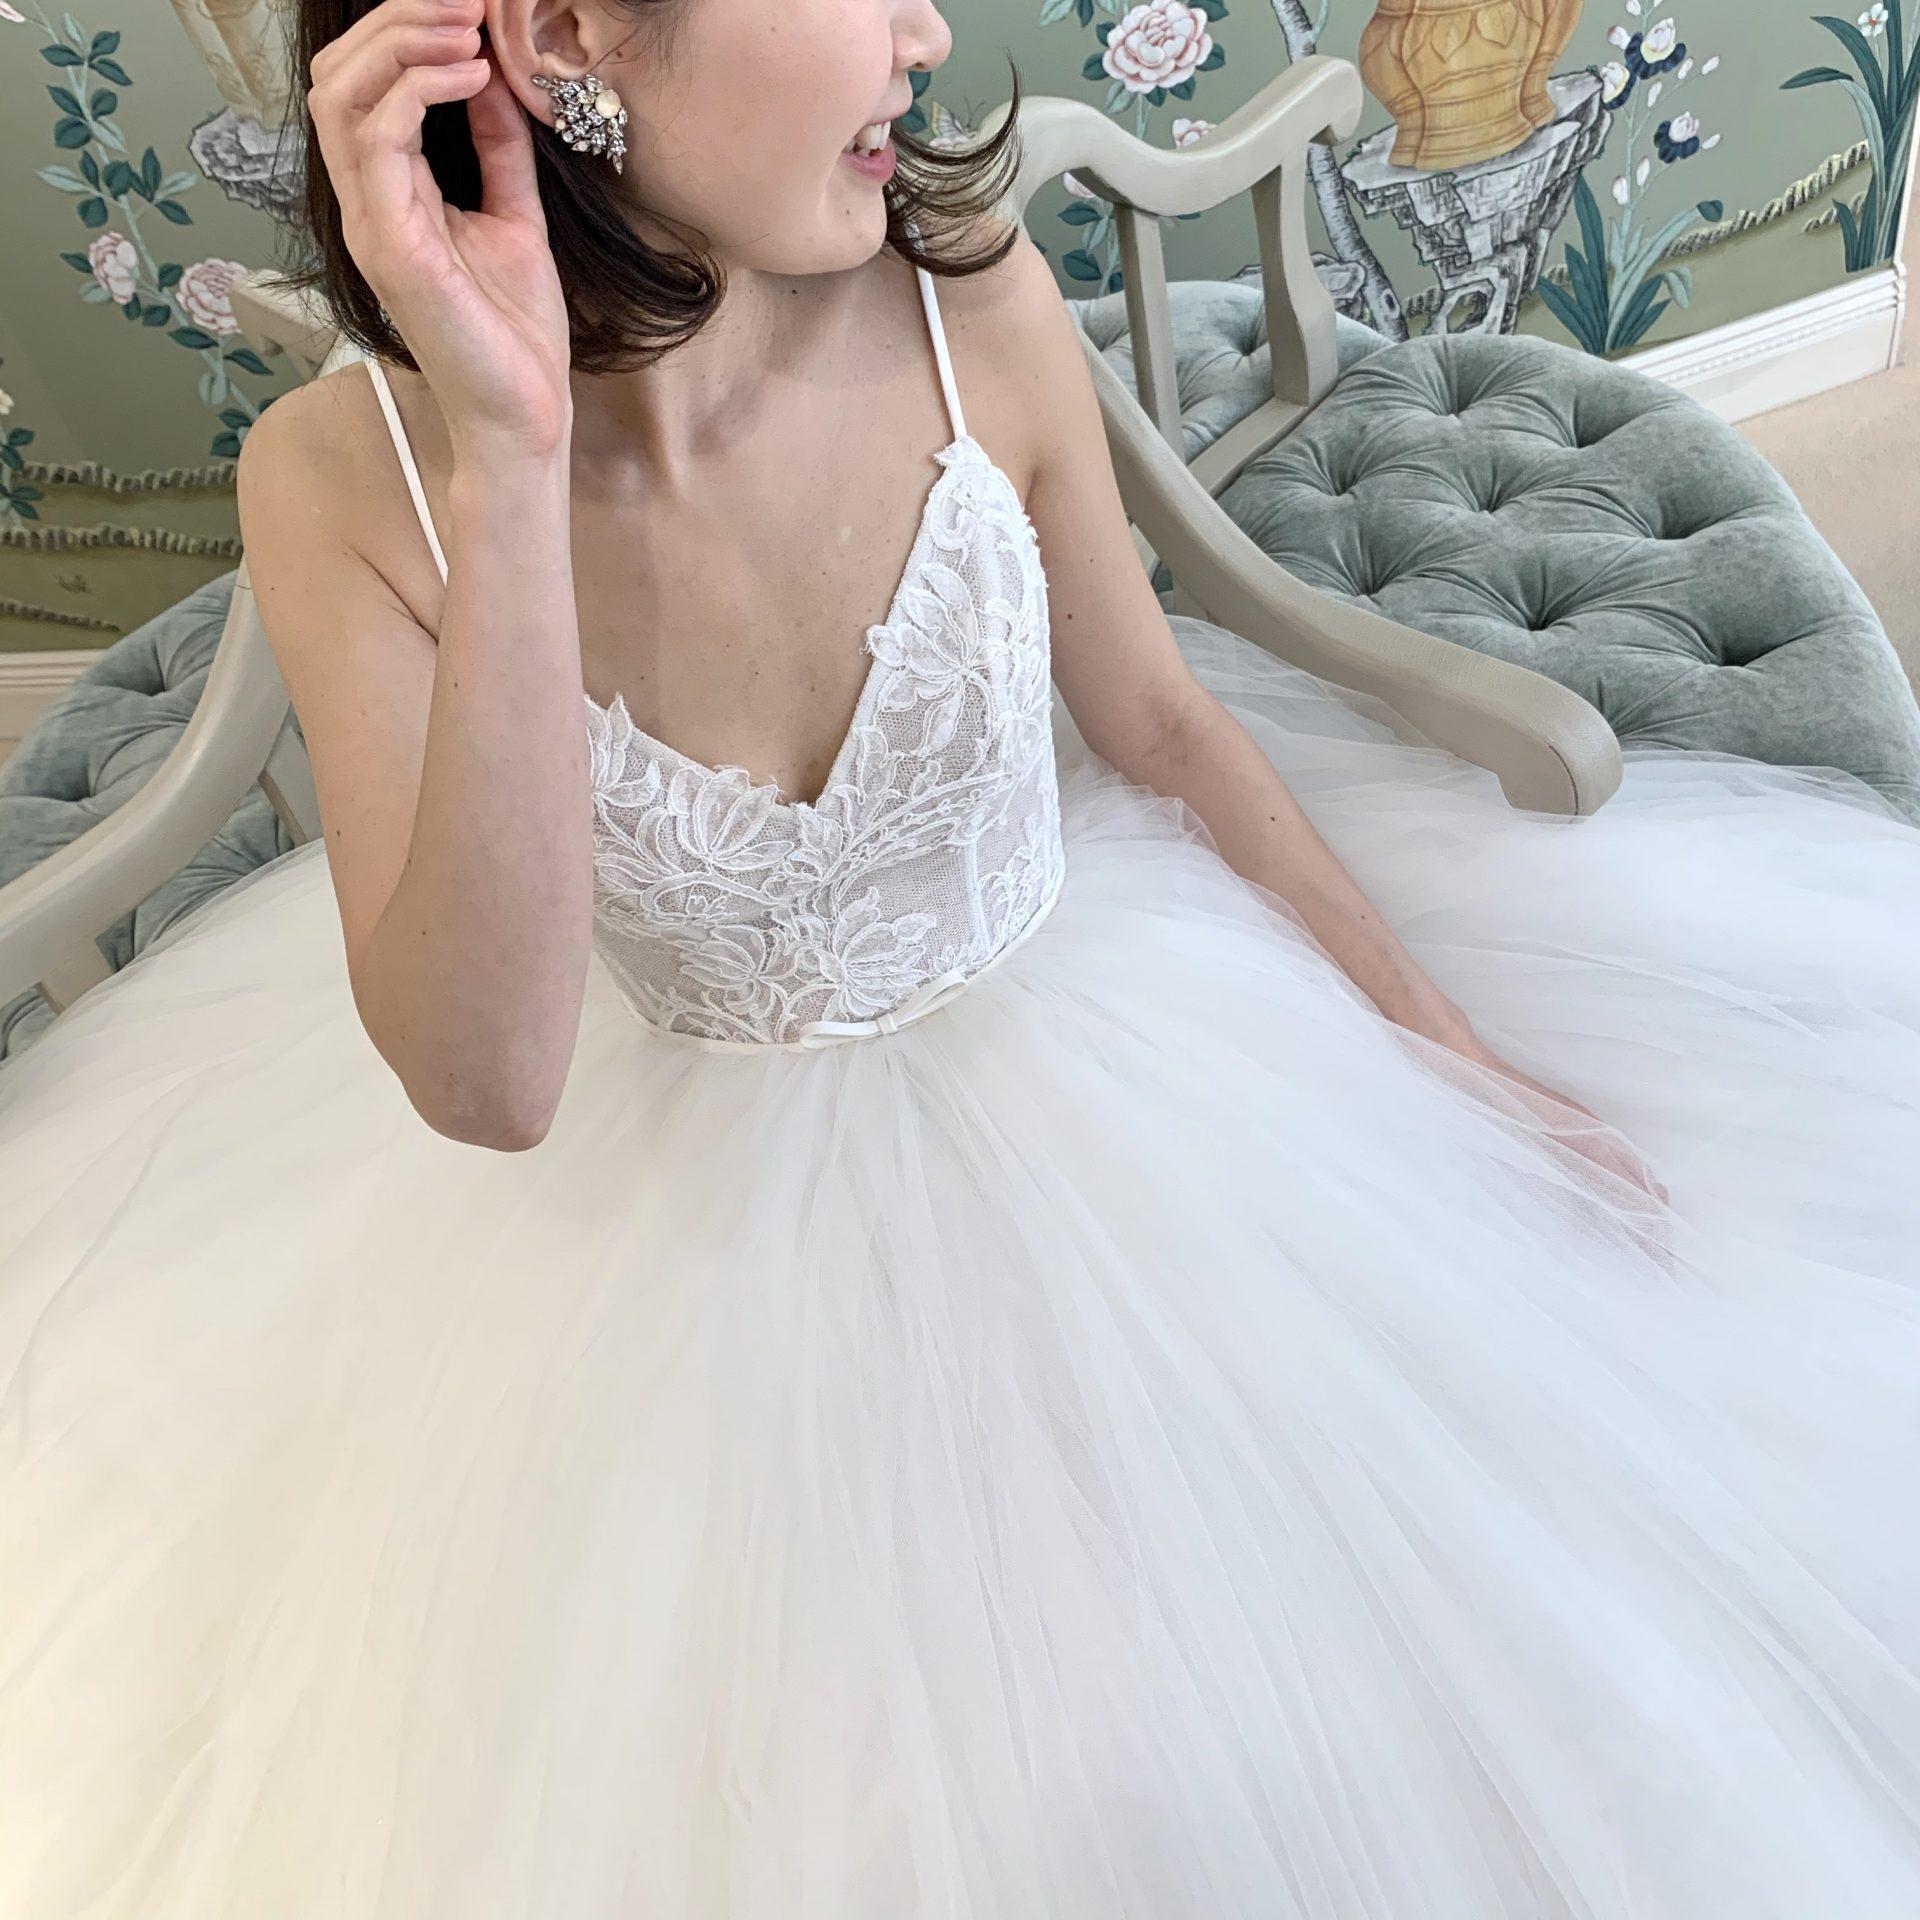 フォーチュンガーデン京都で結婚式を挙げられる花嫁様にご紹介したい透明感あるボリュームのあるウェディングドレス